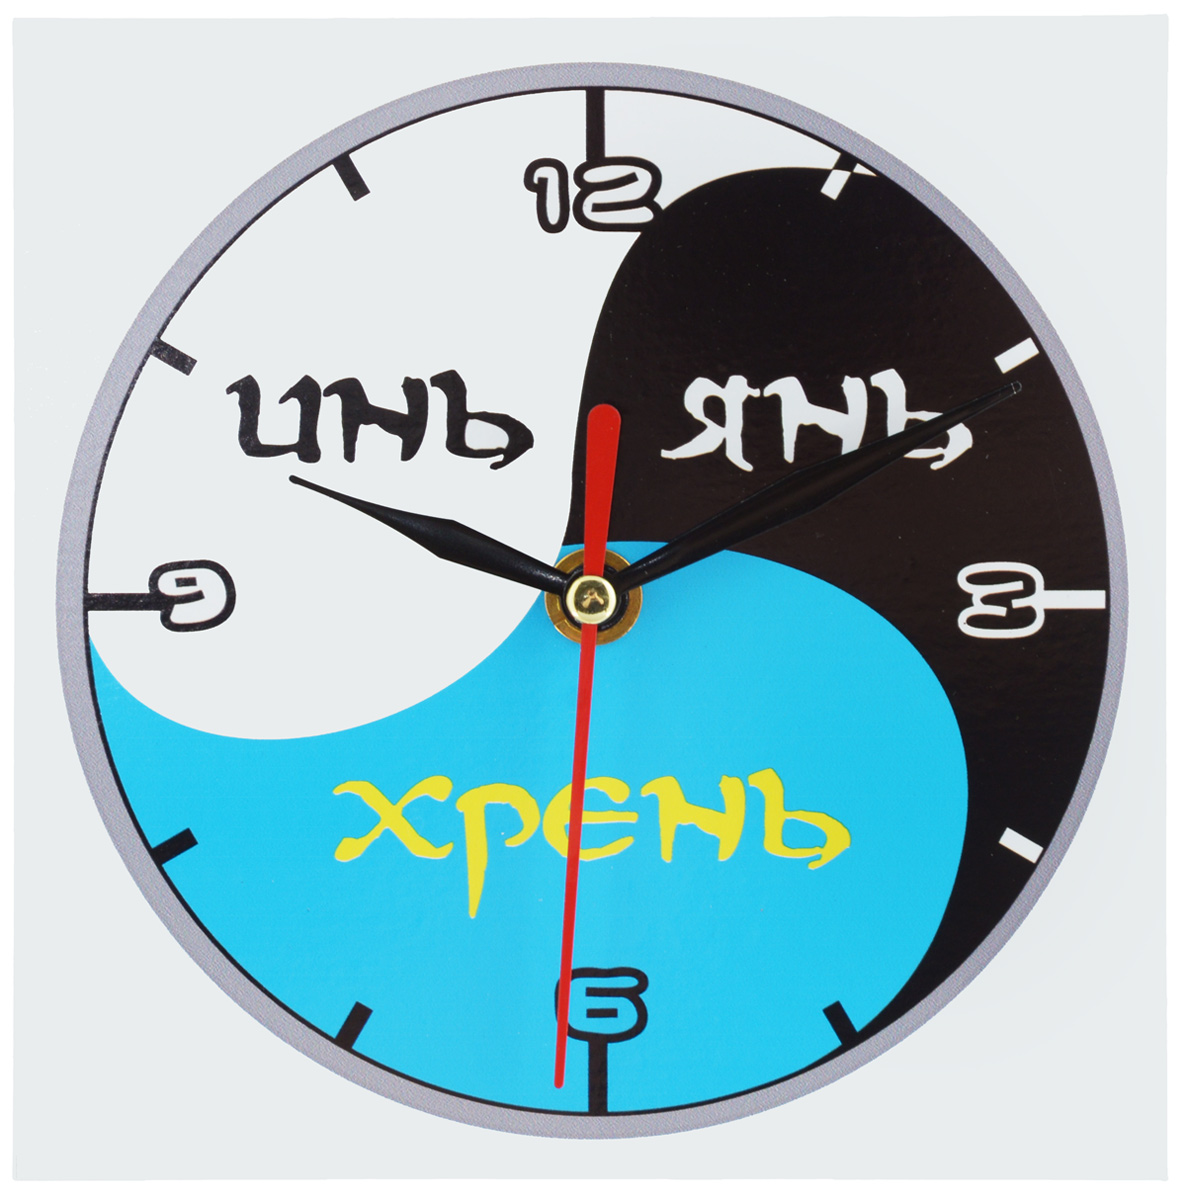 Часы настольные Эврика Инь Янь Хрень, 14 х 14 см97493Часы настольные Эврика Инь Янь Хрень изготовлены из МДФ с ламинированием и пластика. Изделие имеет оригинальный циферблат с надписями: Инь Янь Хрень. Механизм хода часов бесшумный и плавный. Сзади расположен специальный упор, благодаря которому часы можно поставить на стол. Часы также можно повесить на стену с помощью специального металлического отверстия. Такие яркие необычные часы станут украшением вашего рабочего стола и подчеркнут ваш стиль. Отличный подарок друзьям и близким, который обязательно вызовет улыбку и радость. Часы работают от одной батарейки напряжением 1,5V типа AA (в комплект не входит).